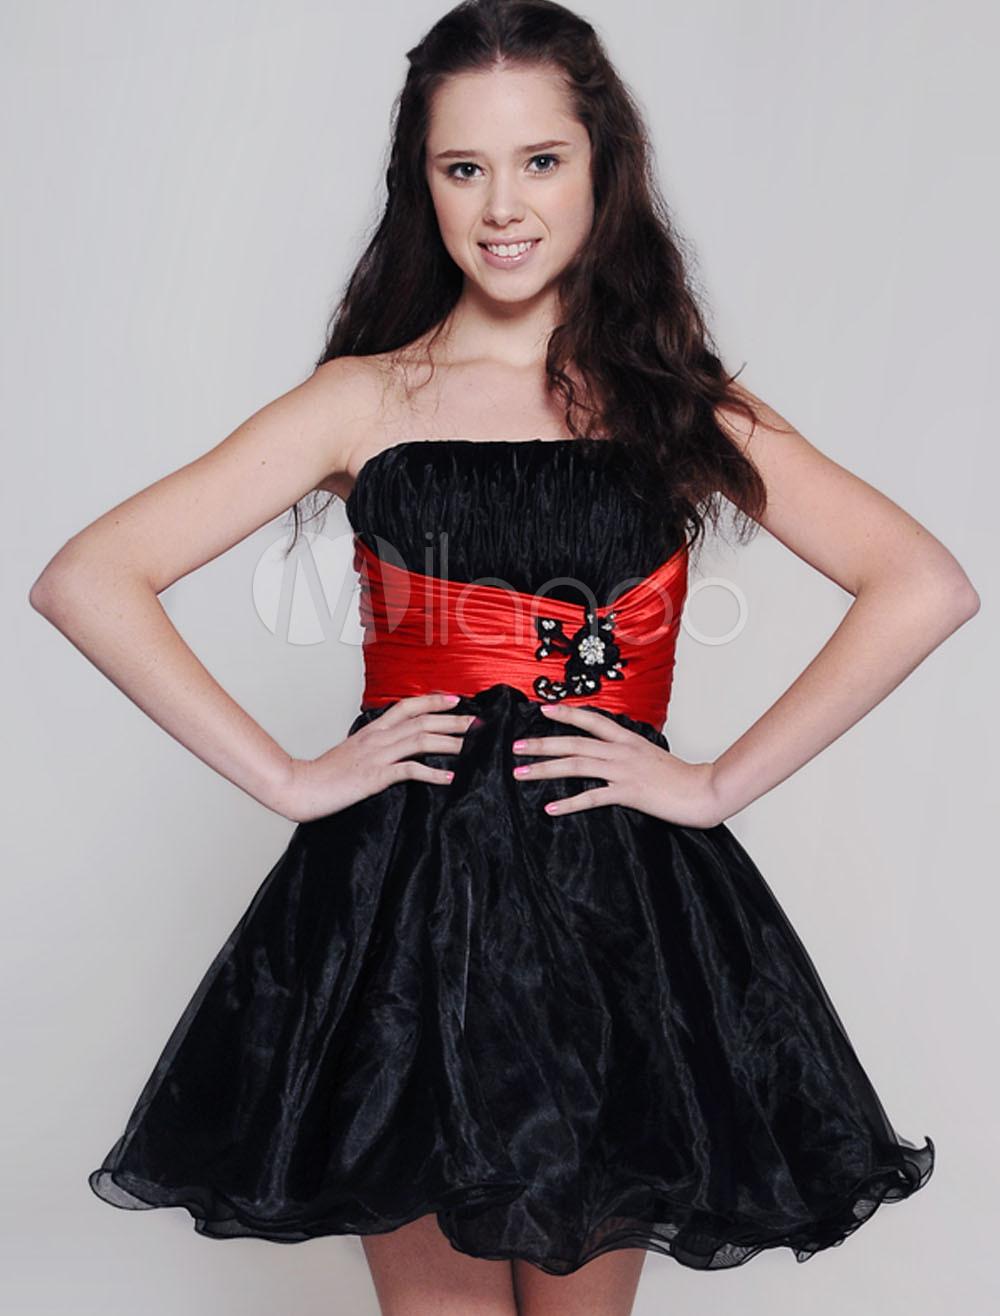 Black Strapless Tulle Skirt Satin Net Prom Homecoming Dress